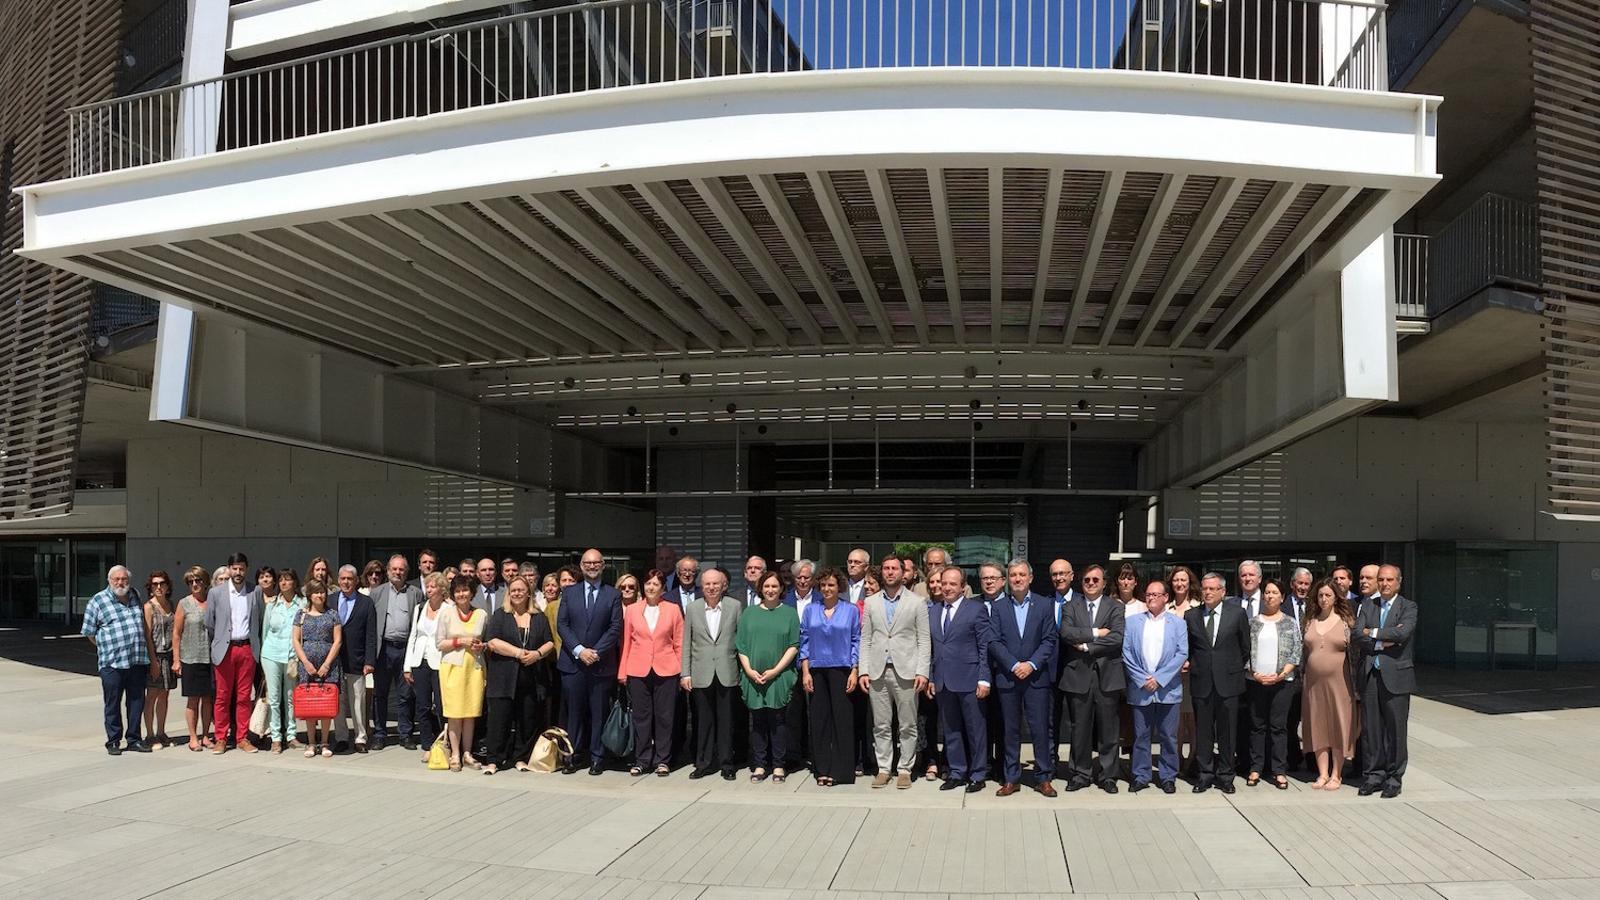 La vuitantena d'ambaixadors de l'EMA, amb les autoritats implicades en el projecte, avui a Barcelona